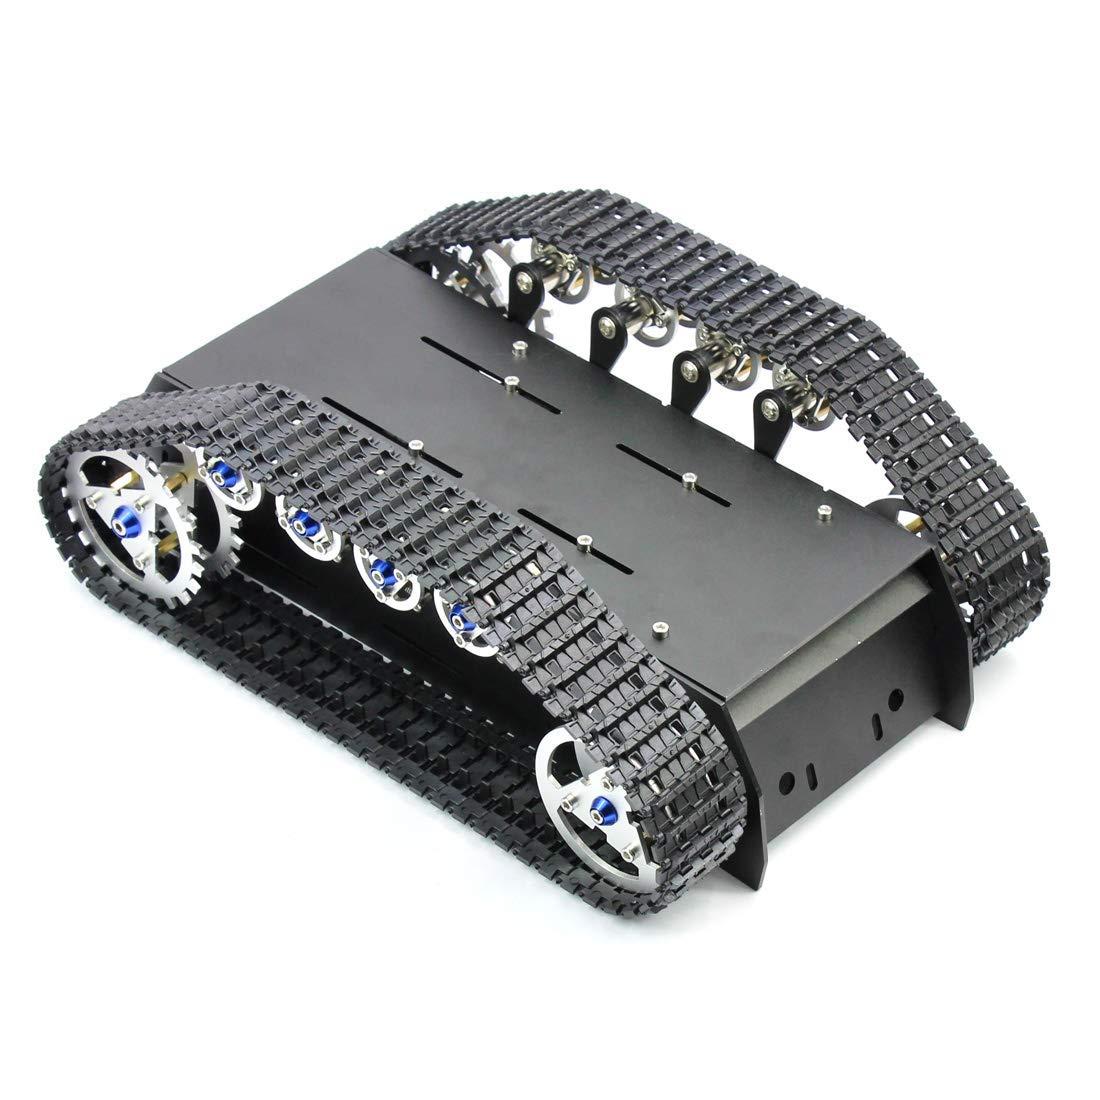 Châssis de réservoir Robot fait à la main kit de bricolage choc léger absorbé amortissement réservoir Robot châssis pour Arduino